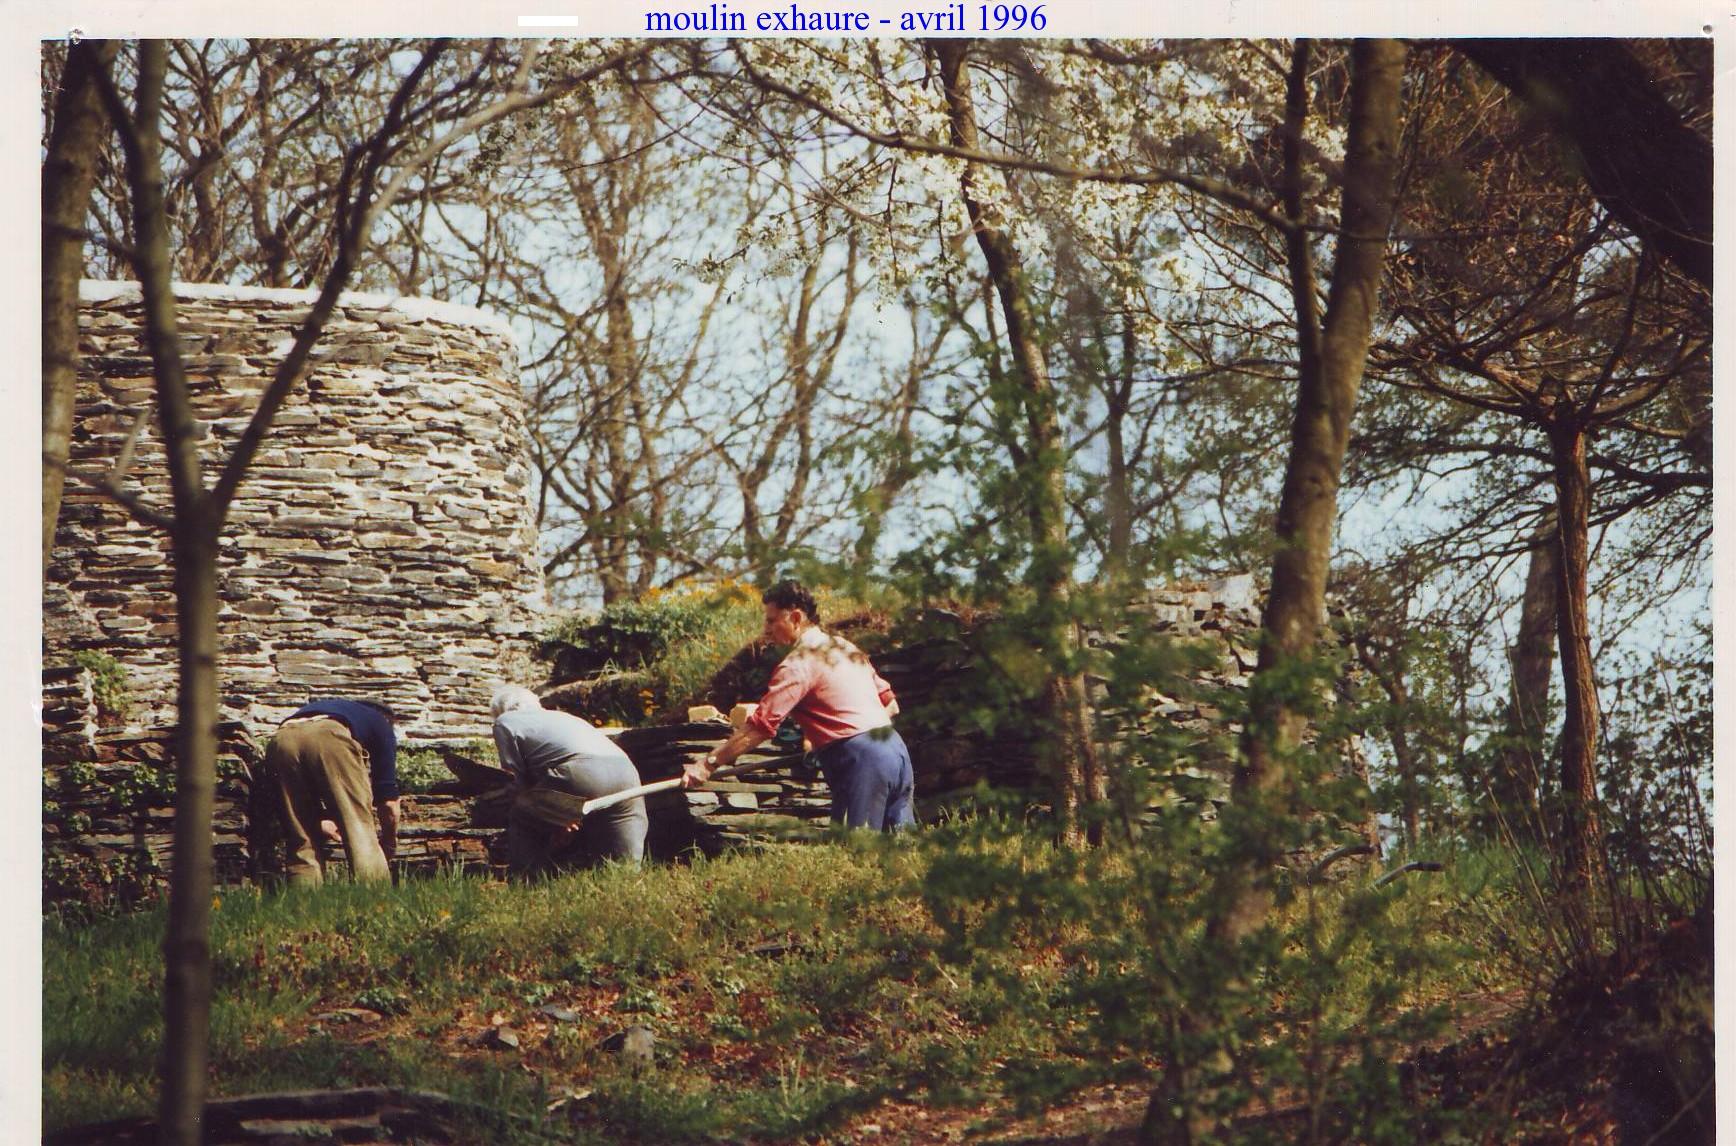 3- 1ère restauration par les bénévoles en 1996